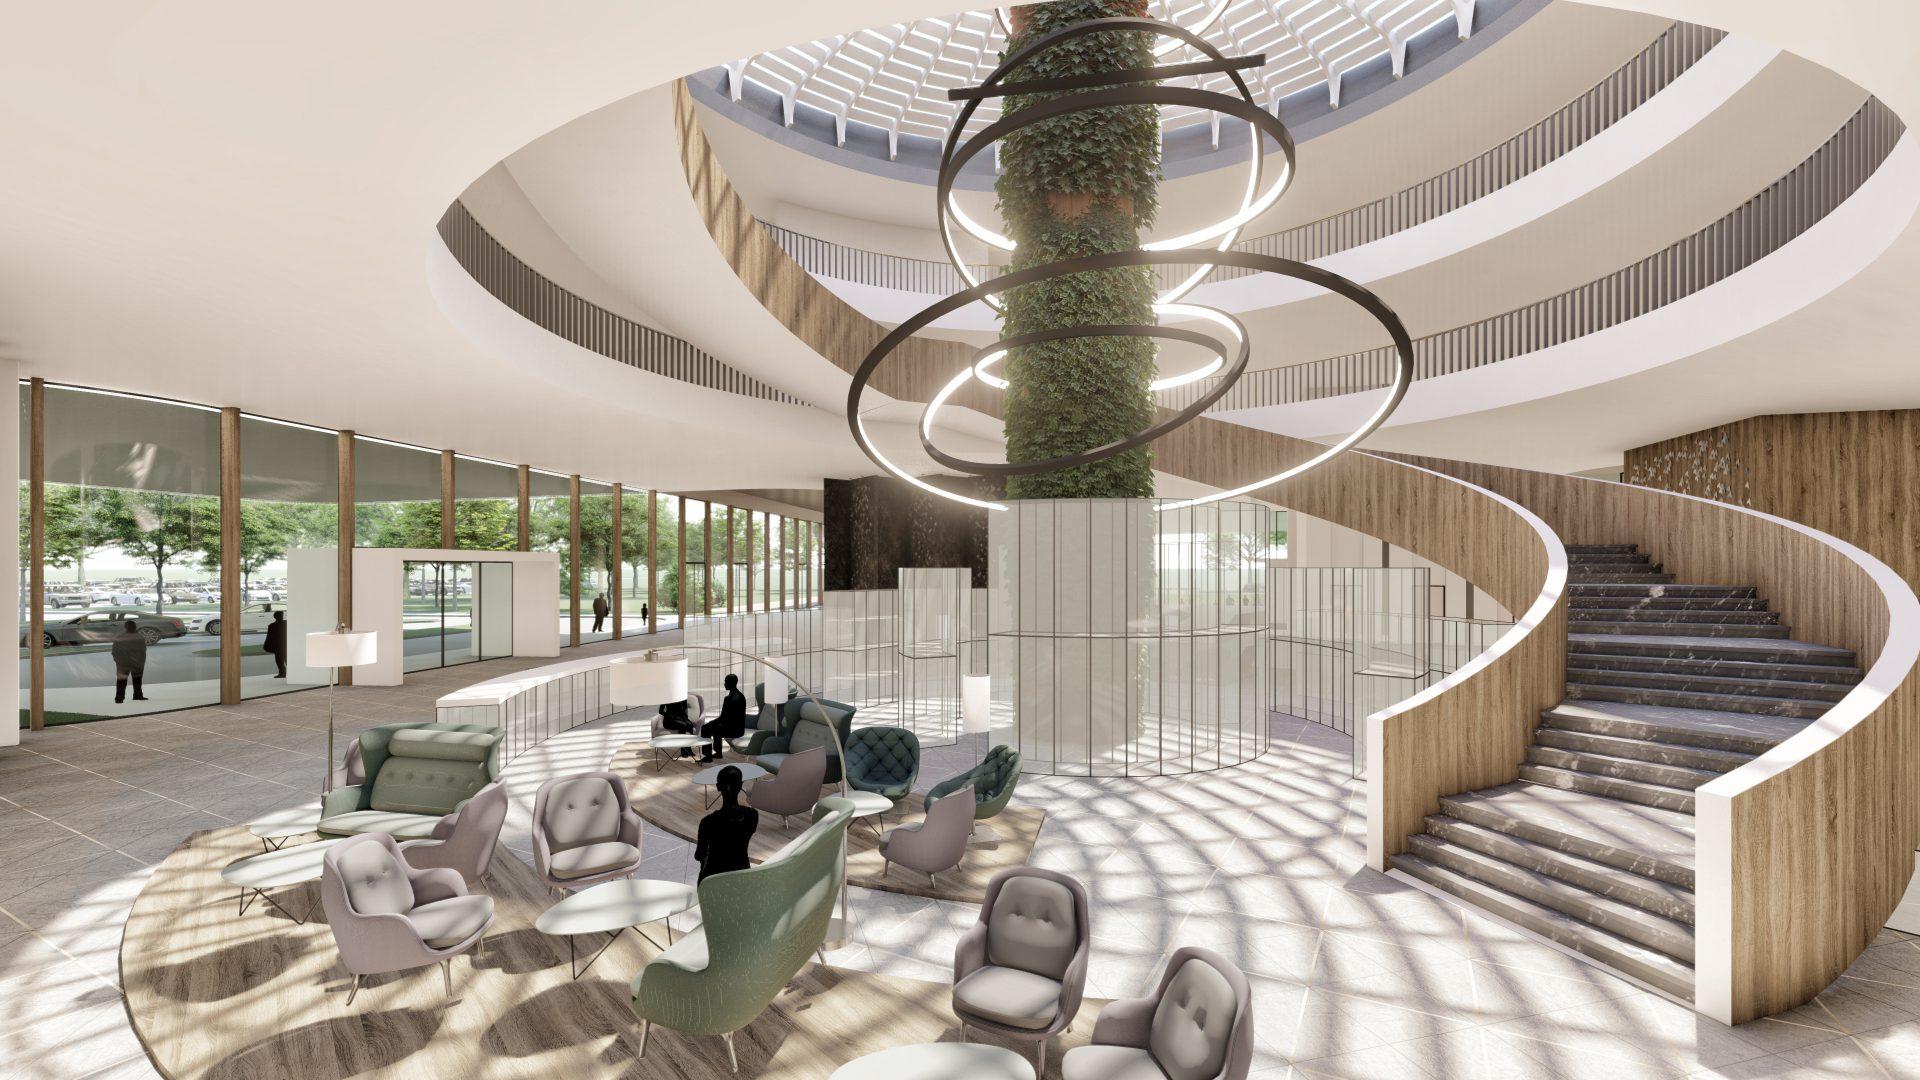 Viereck Architekten Geladener Wettbewerb Hotelprojekt Burgenland